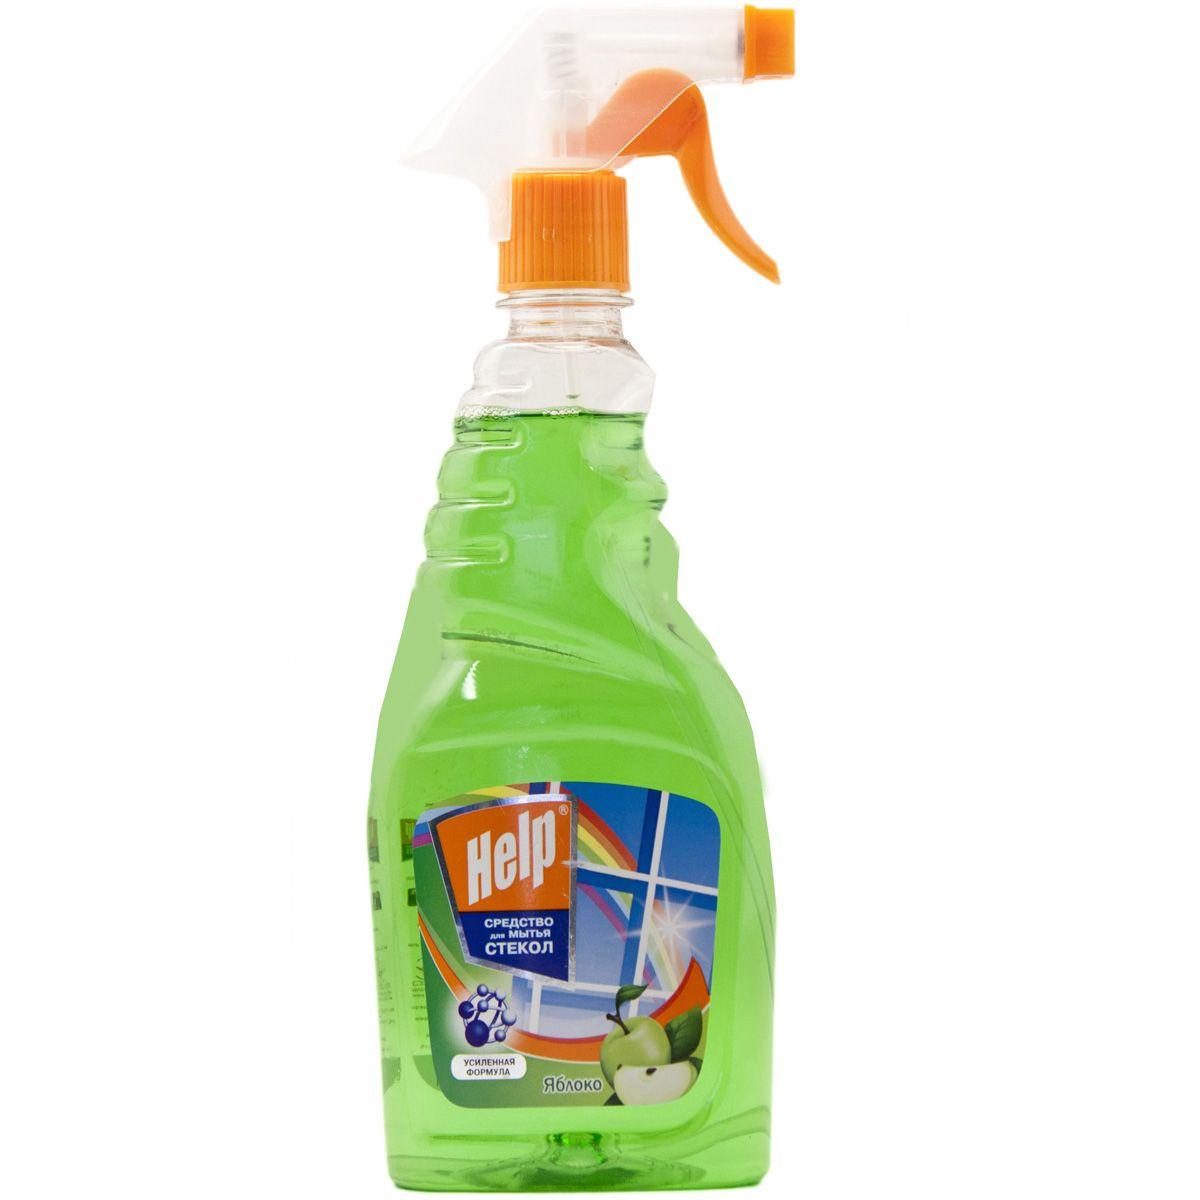 Средство для мытья стекол Help Яблоко, 750 мл4605845000718Эффективное средство для мытья стекол, окон, зеркал.Удаляет пятна. Смывает грязь, следы от пальцев.Защищает от пыли и придает блеск.- Не оставляет разводов